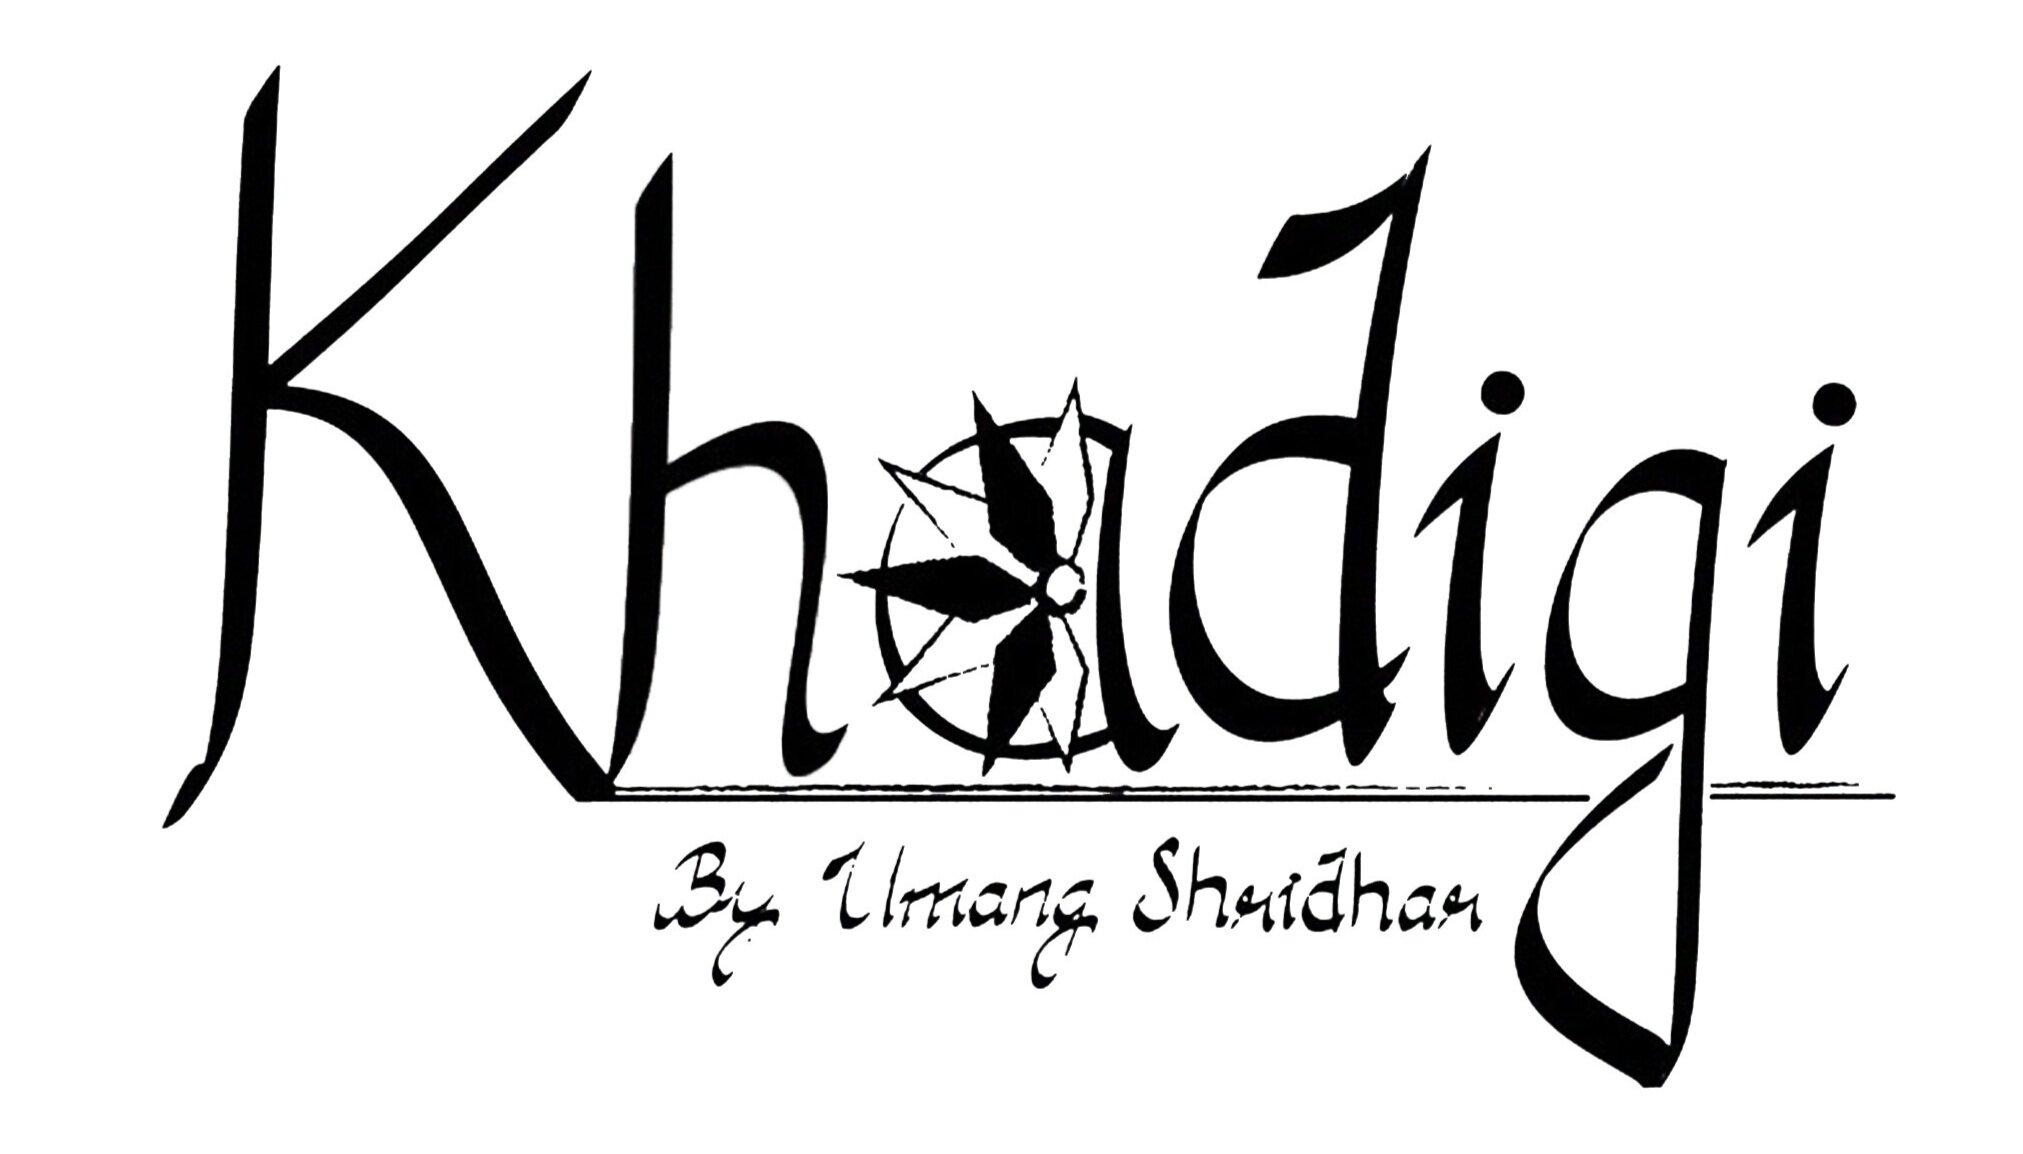 Khadigi+Logo.jpg